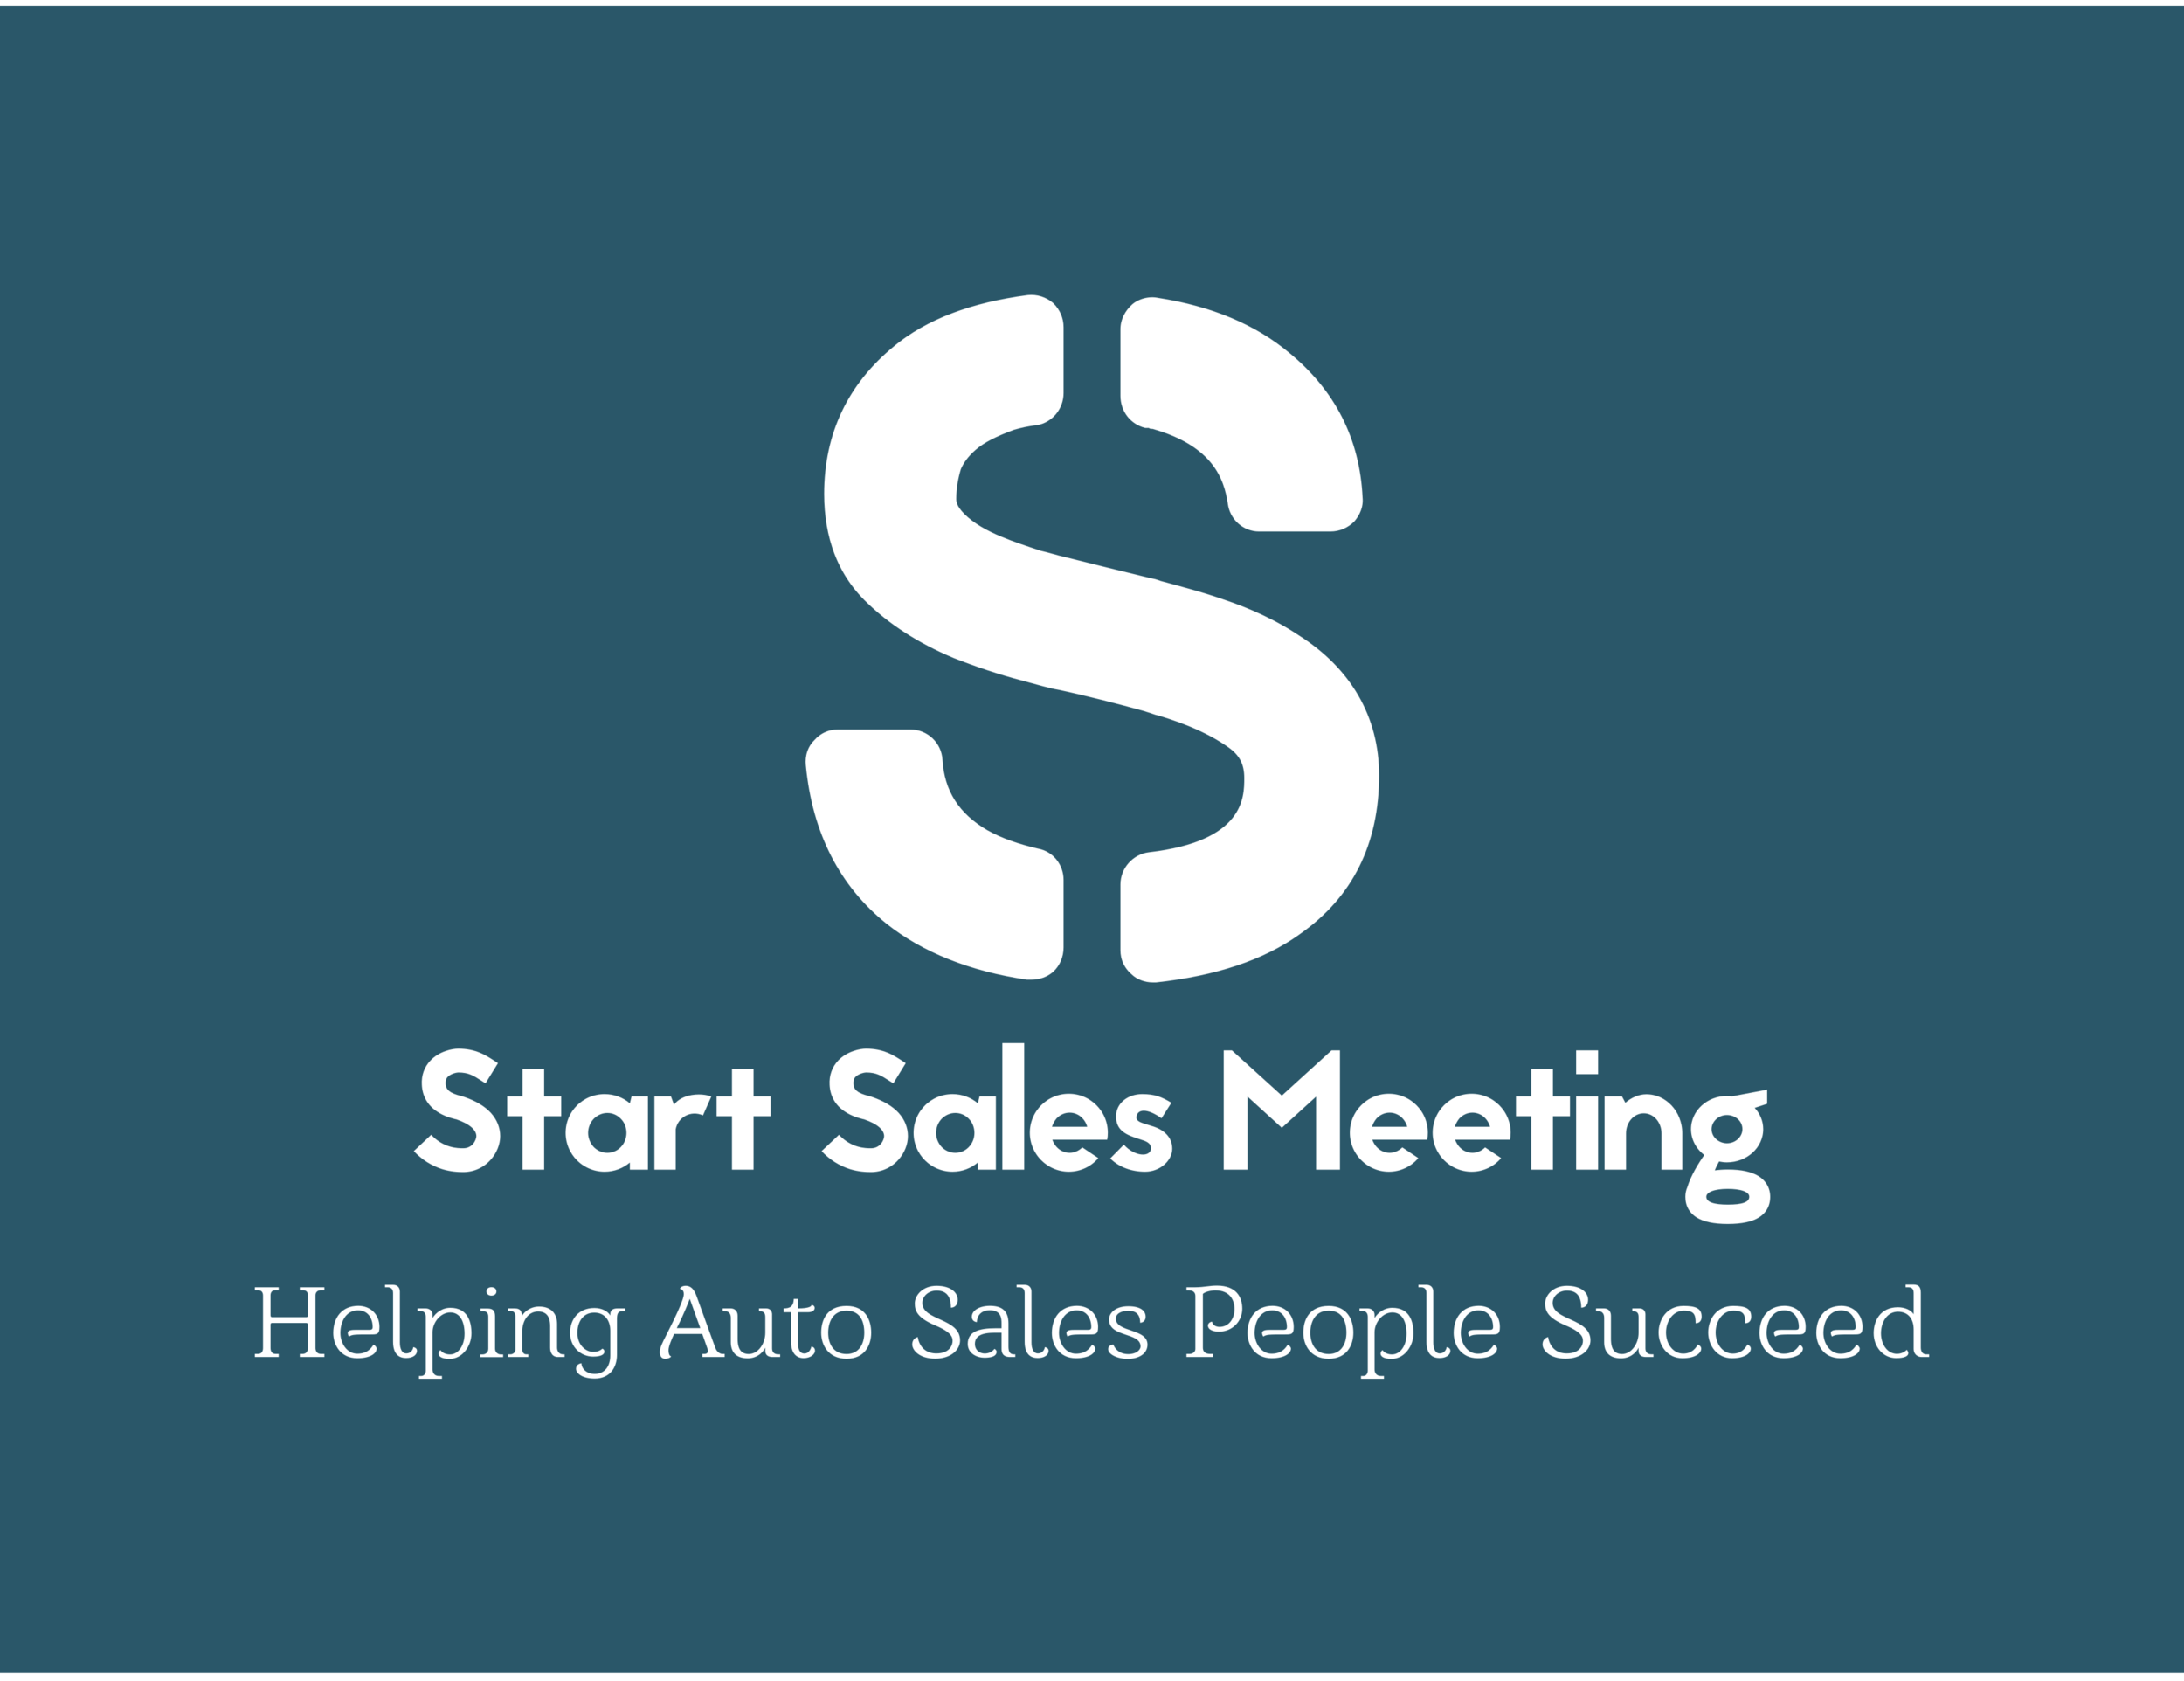 Start Sales Meeting Logo